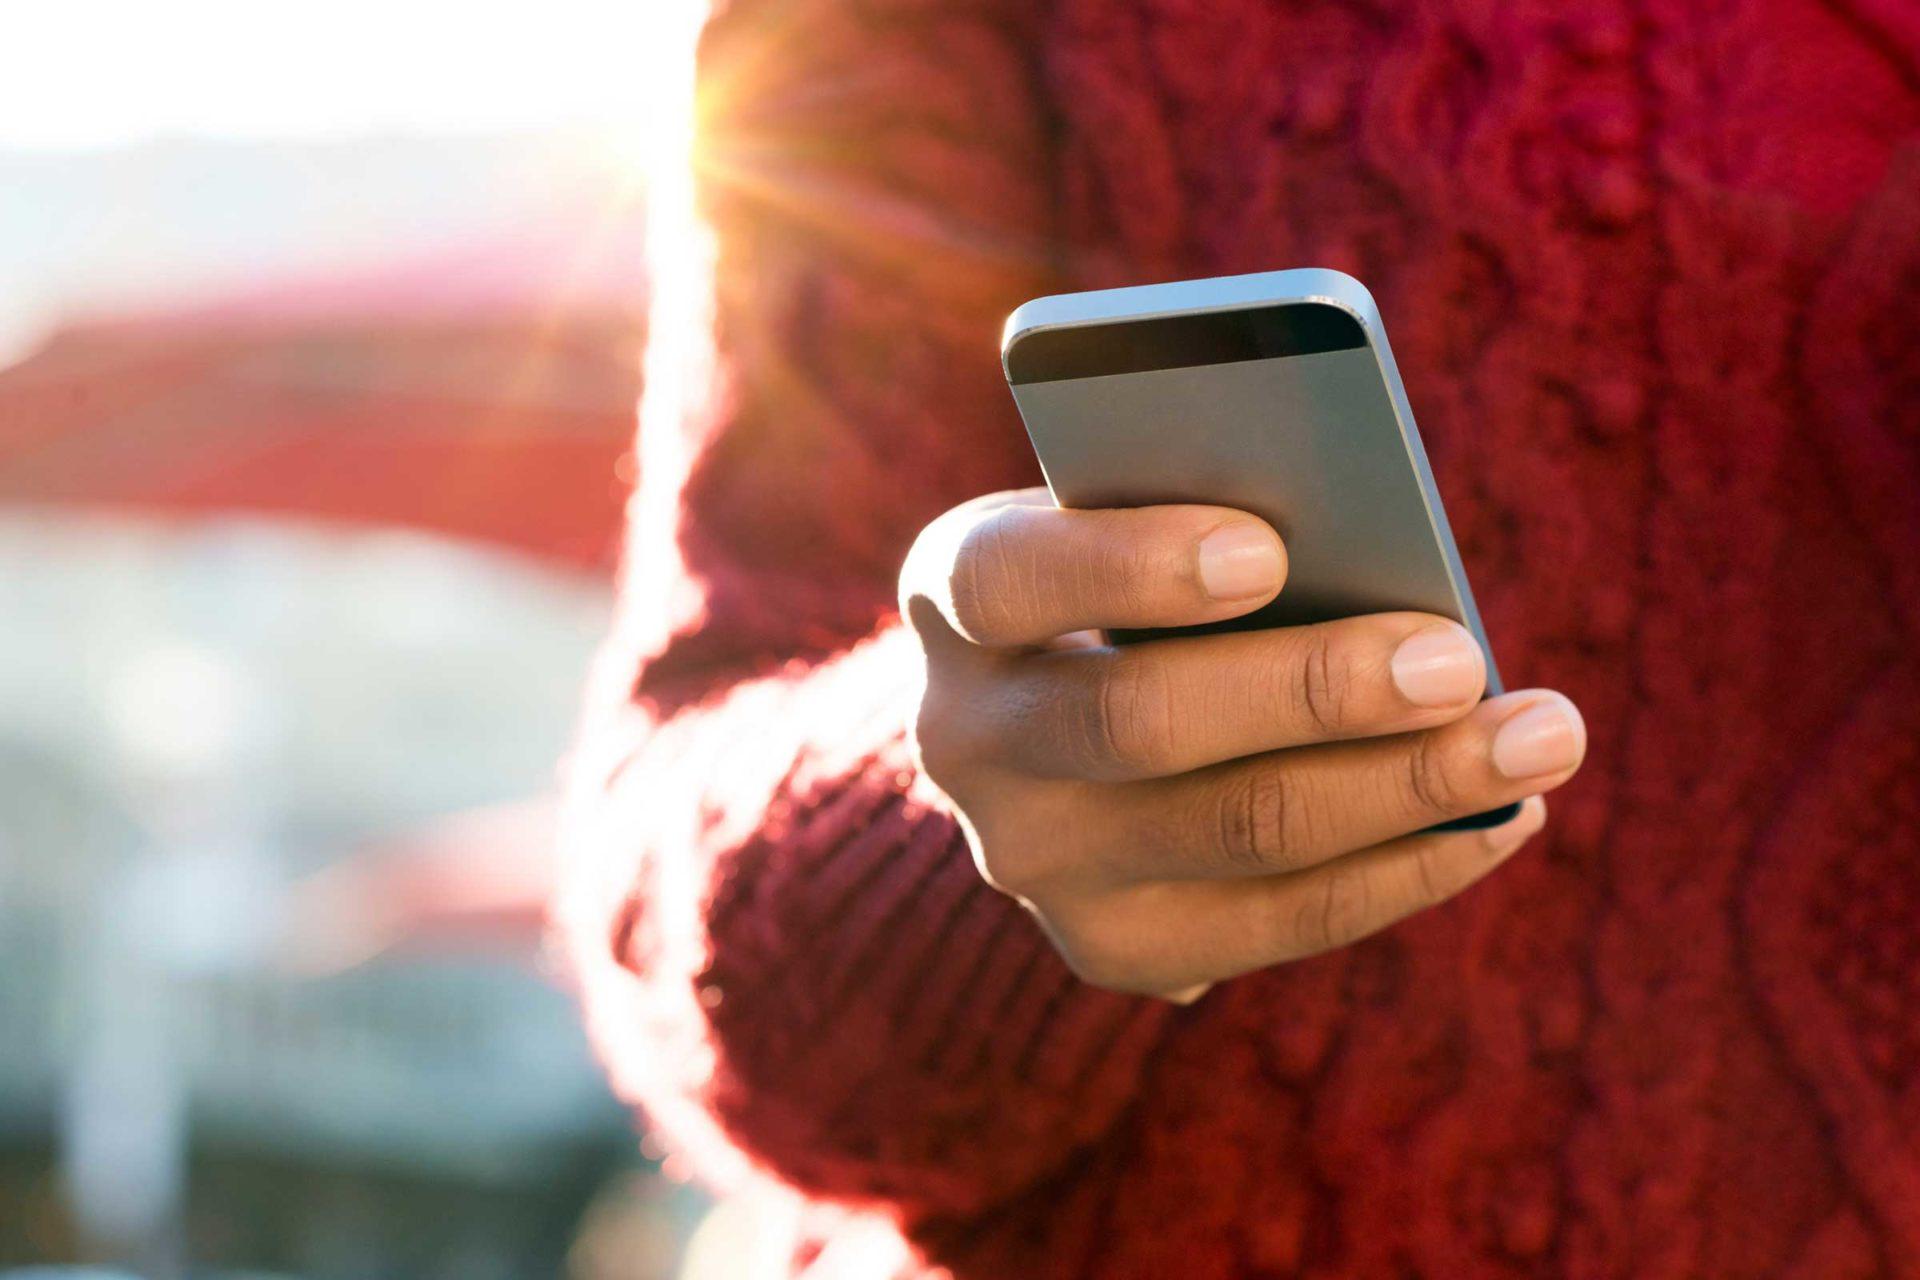 IT-экспертом Тимофеевым были названы обновления, способные вывести из строя смартфон